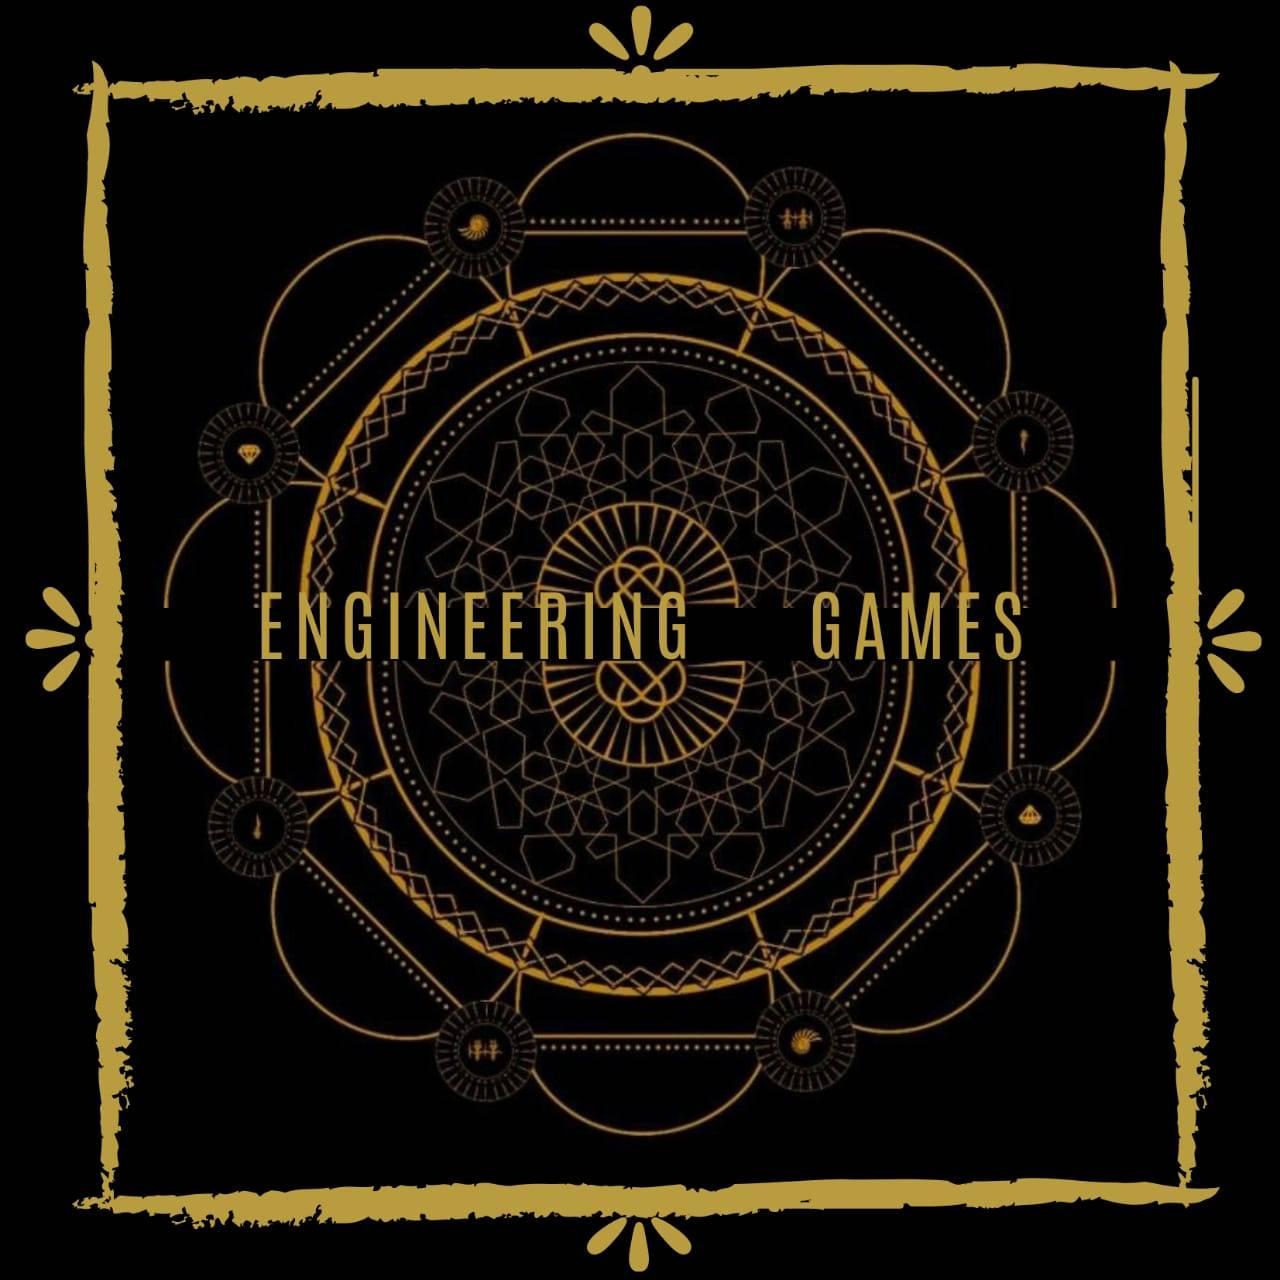 Engineer games